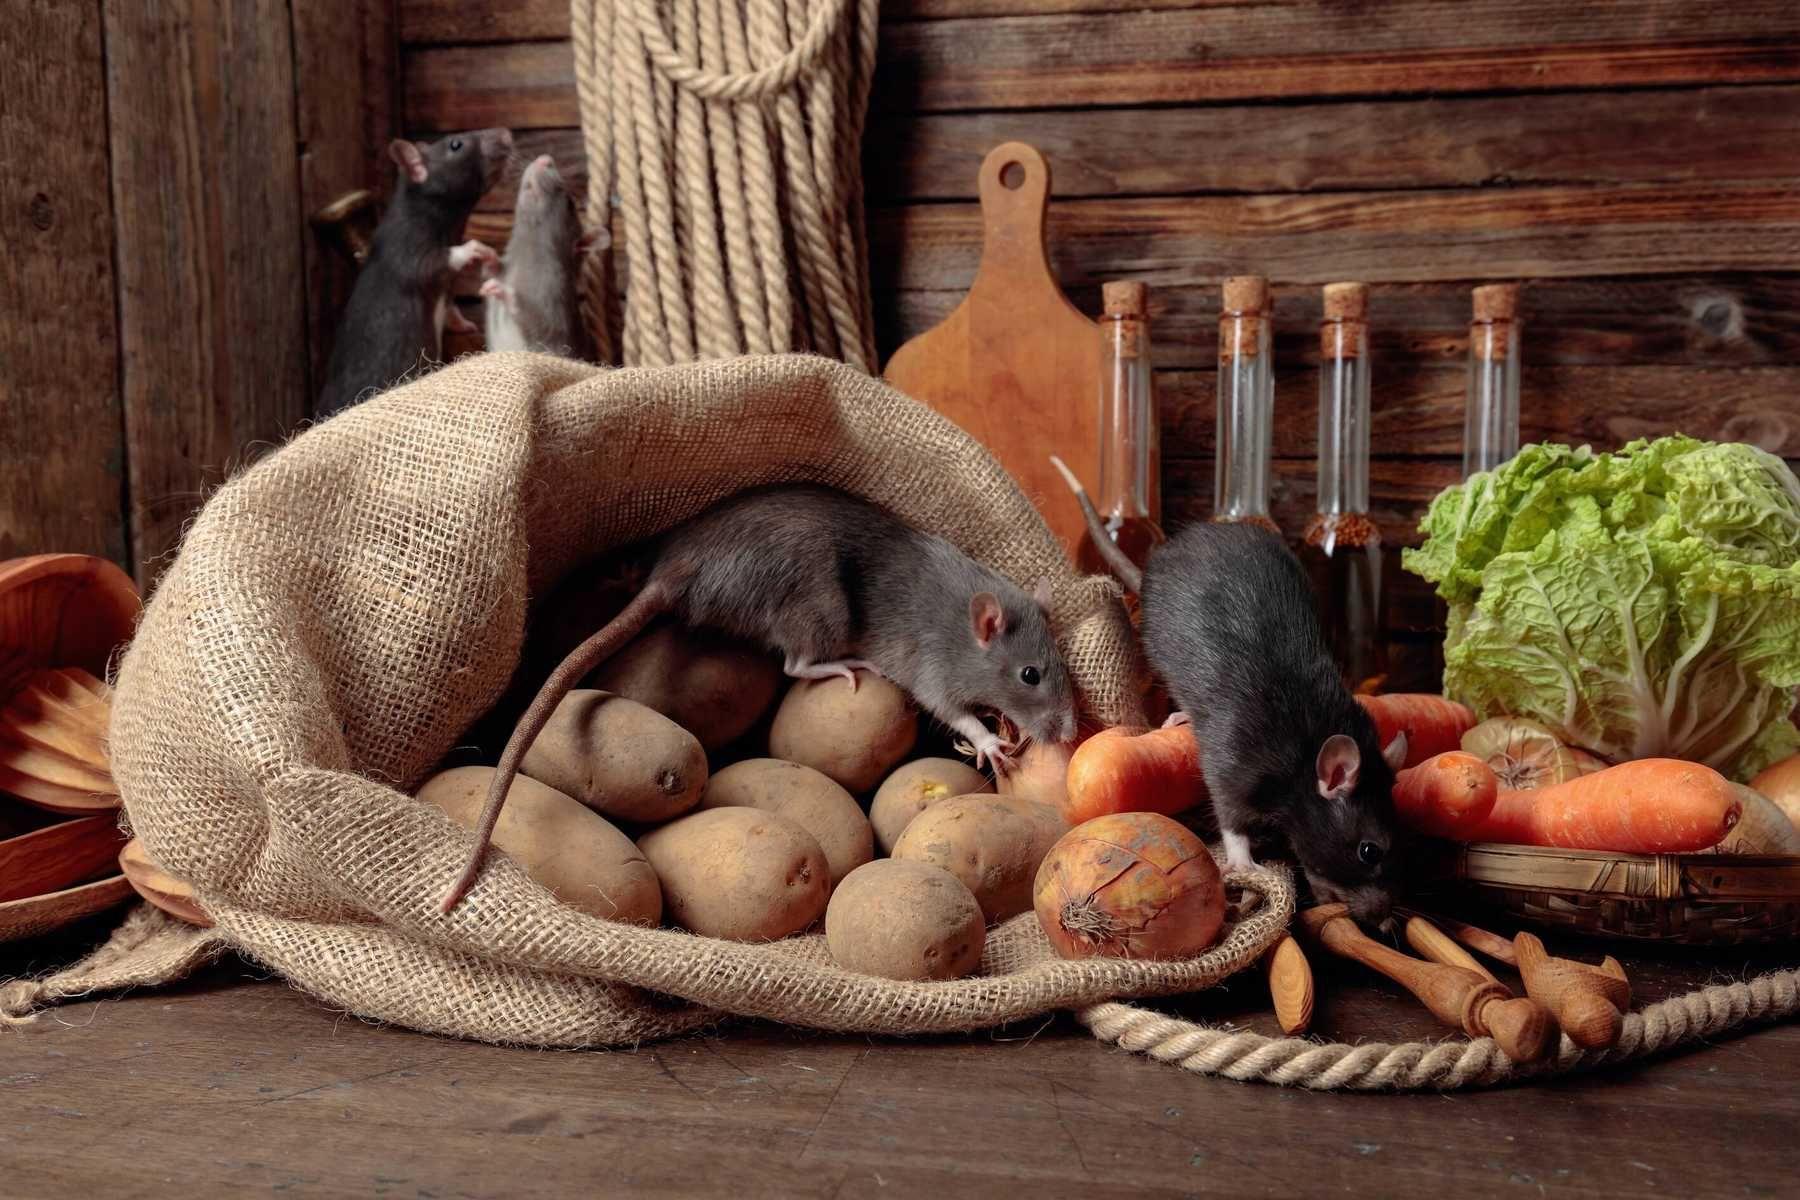 Cách đuổi chuột loại bỏ hết nguồn thức ăn